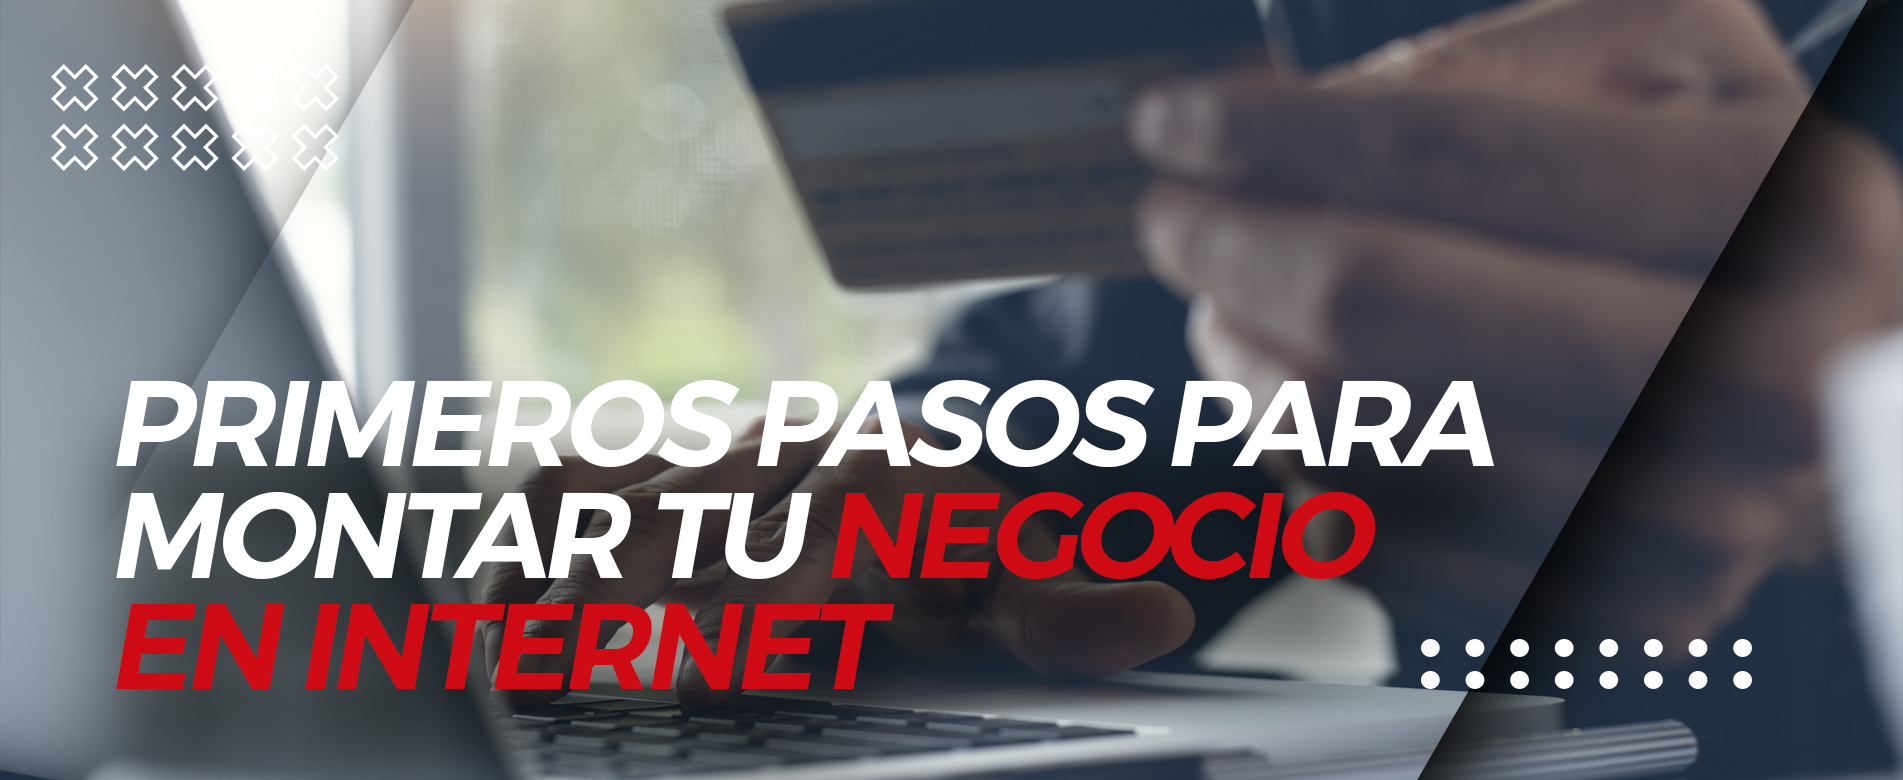 Curso Primeros Pasos para Montar tu Negocio en Internet